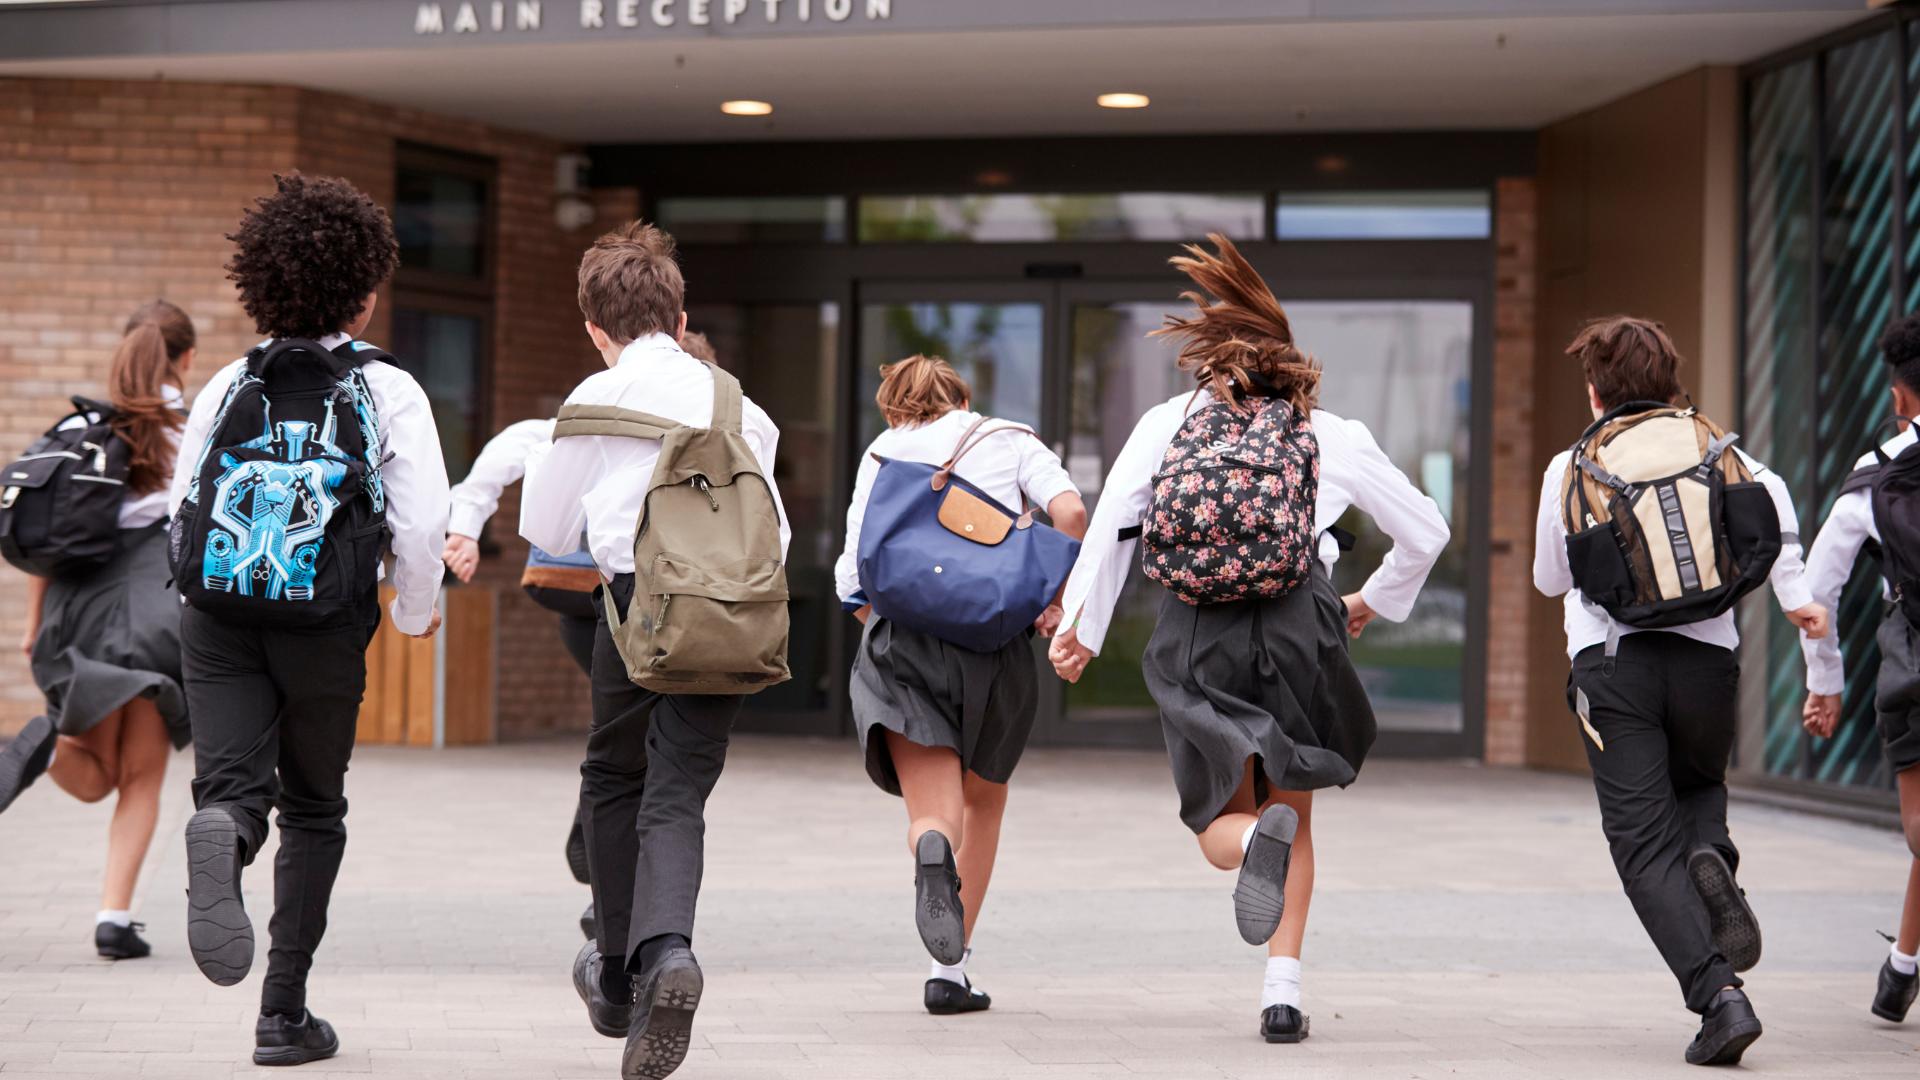 Kids in uniform running into school building